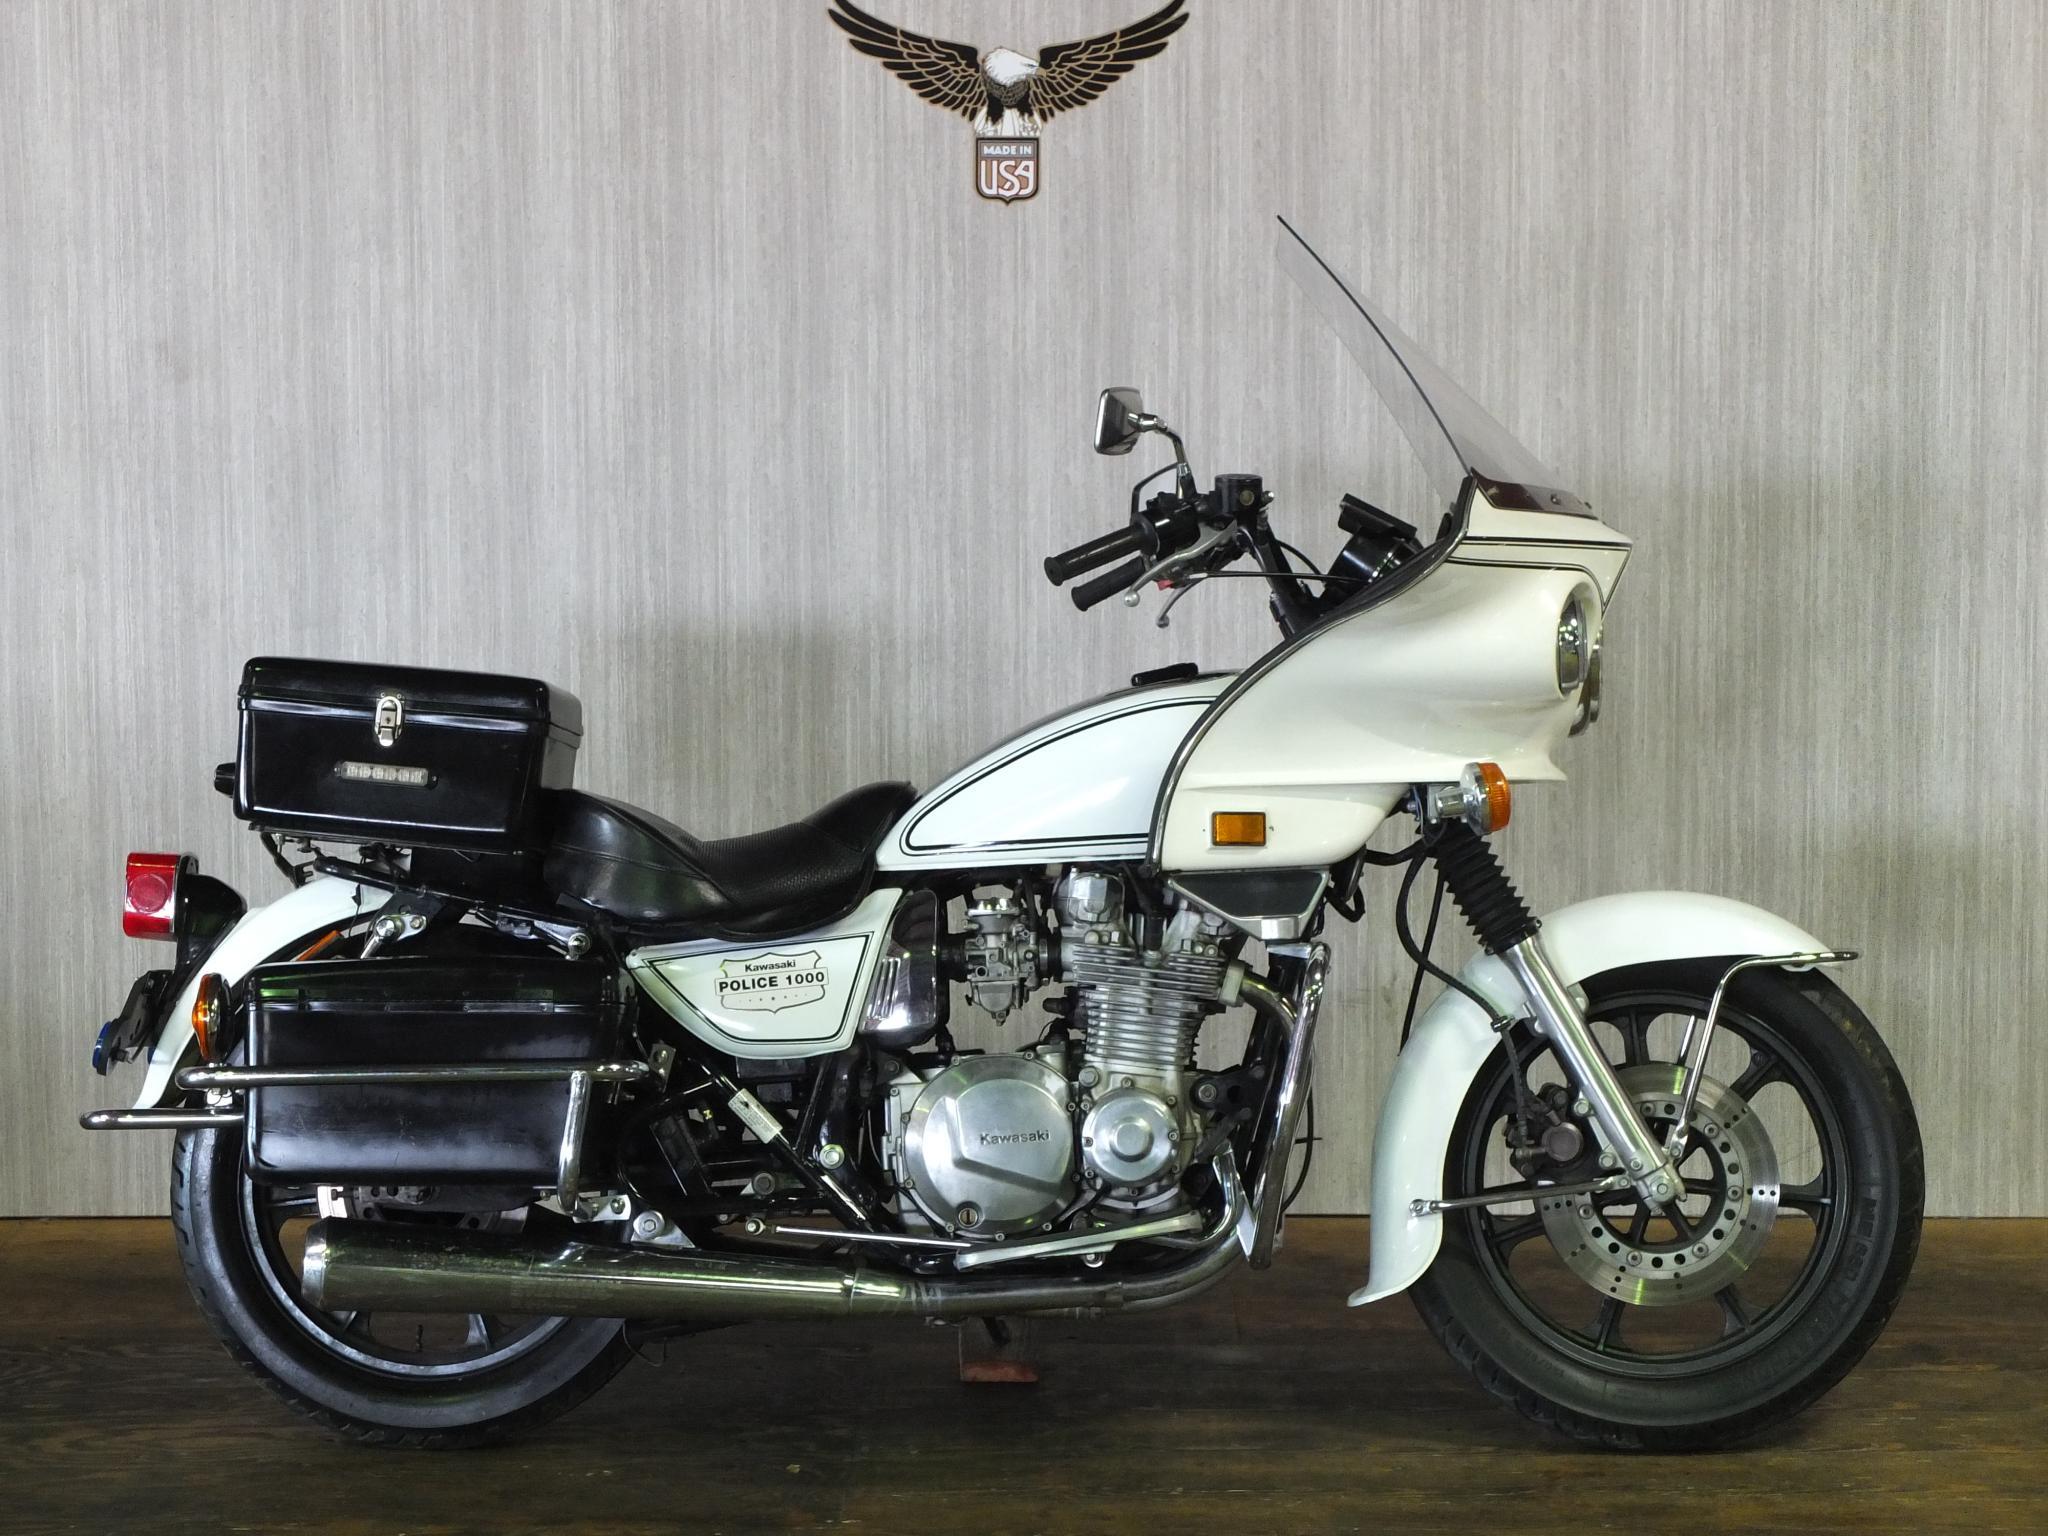 カワサキ 1998 Kawasaki KZ1000P 車体写真1